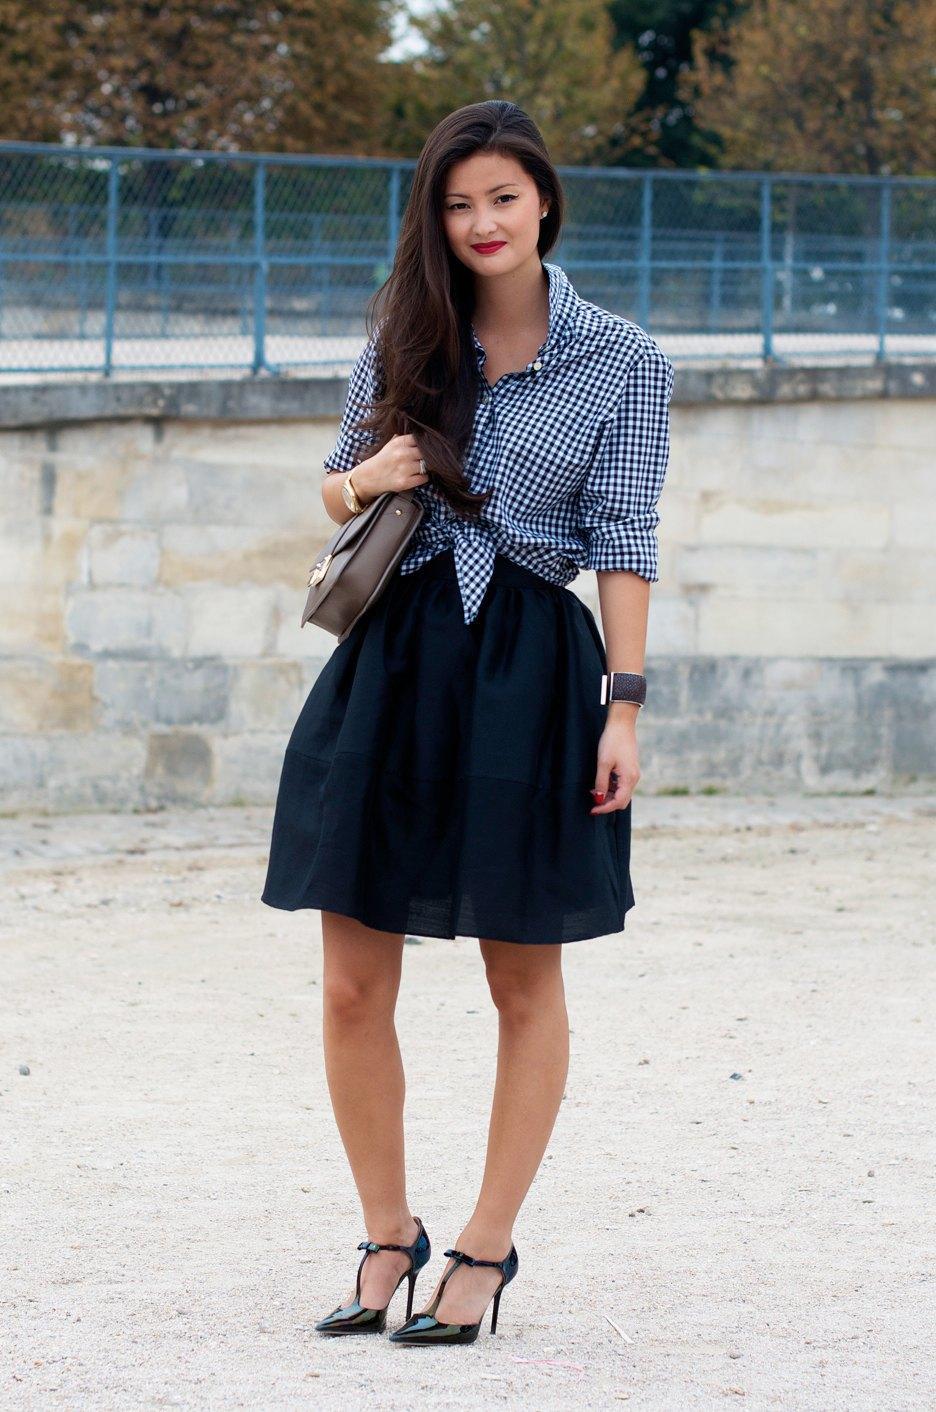 Пеони Лим настолько красивая, что ей можно было не выряжаться, чтобы попасть в блоги об уличной моде. Здесь она сыграла на контрастах: надела мужскую рубаху с женственной юбкой. Изображение № 1.